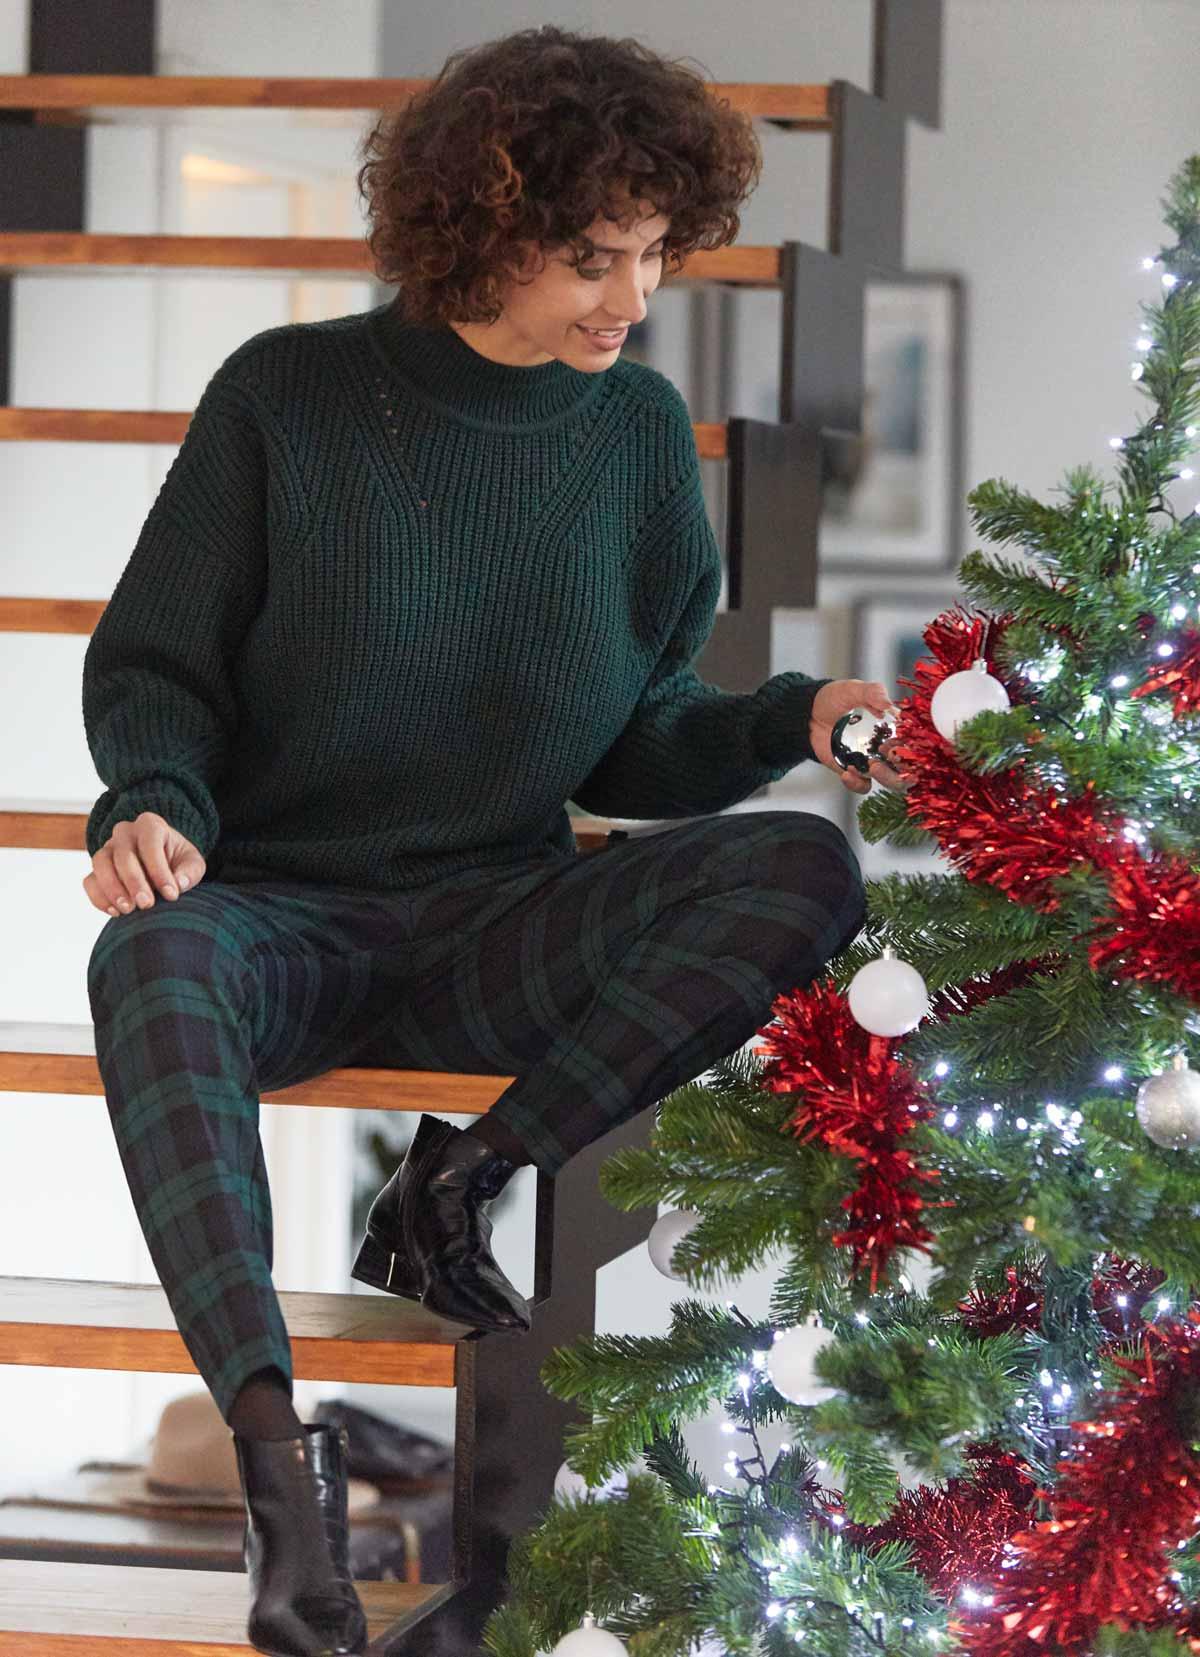 pantalon principe gales y jersey para comida amigas navidad